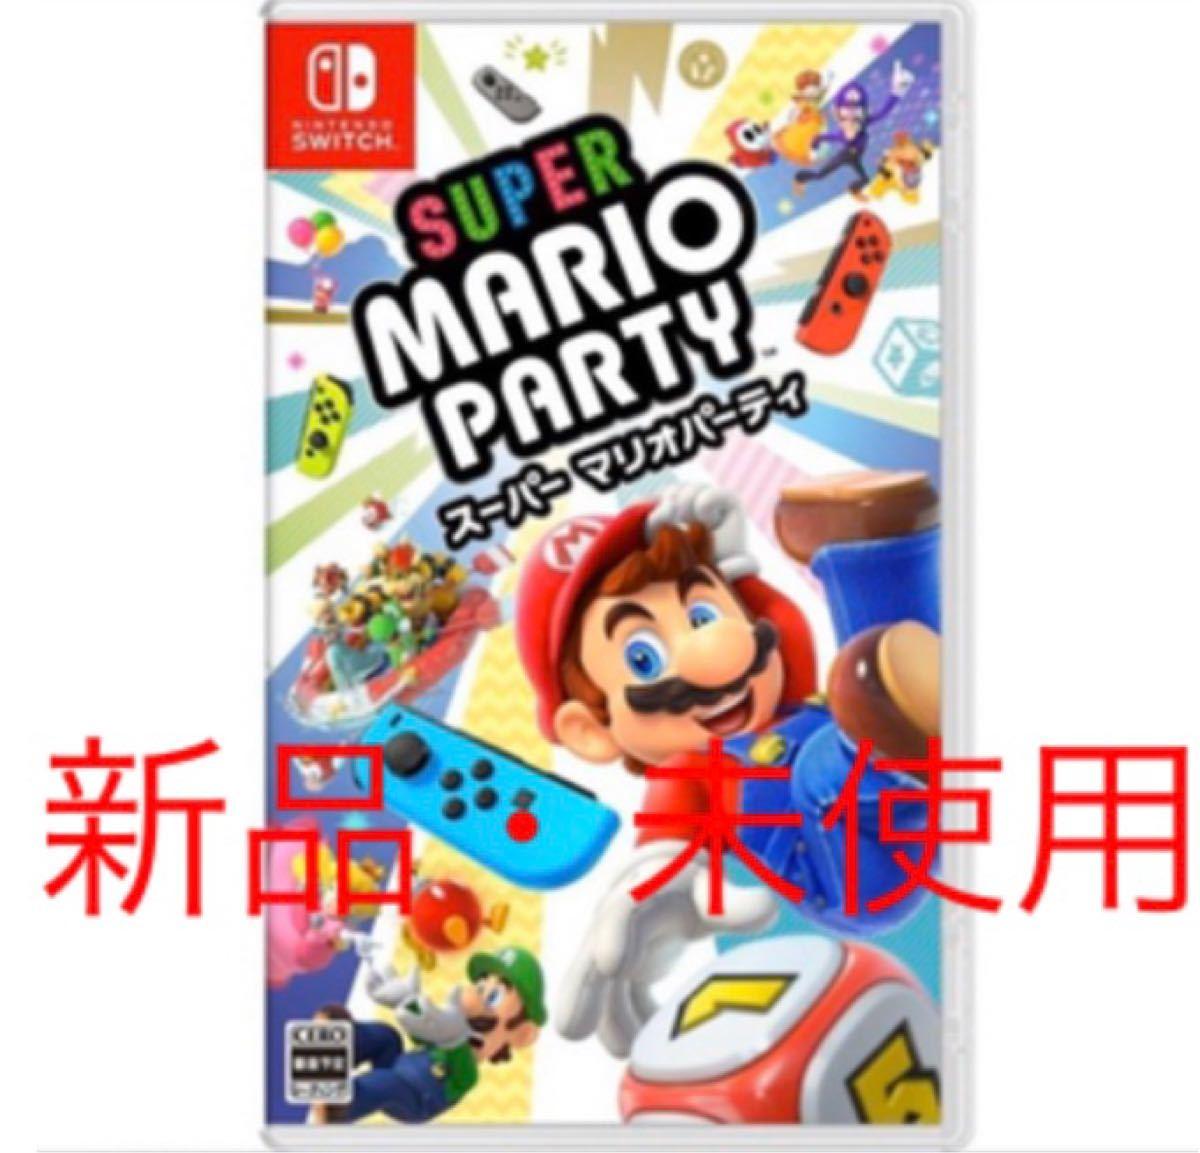 【新品未開封】  スーパーマリオパーティ Nintendo Switch